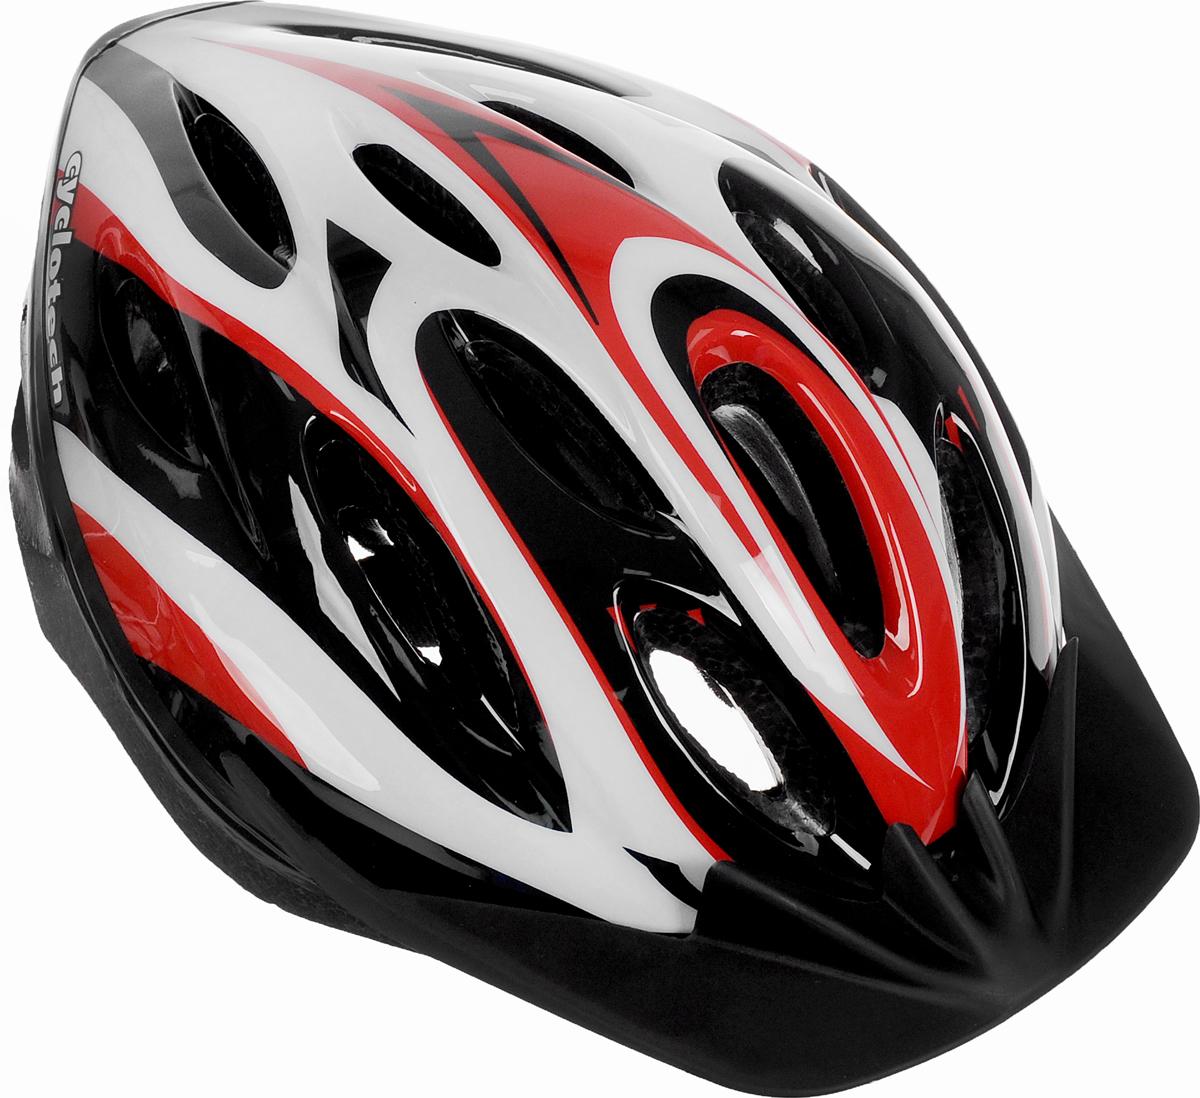 Шлем Cyclotech, цвет: черный, красный, белый. Размер MCHLO-15U-MШлем Cyclotech изготовлен по технологии OutMold, которая обеспечивает хорошее сочетание невысокой цены и достаточной технологичности. Увеличенное количество вентиляционных отверстий обеспечивает отличную циркуляцию воздуха на любой скорости при сохранении жесткости шлема. Верхняя часть изделия выполнена из прочного пластика, внутренняя - пенополистирол. Шлем снабжен универсальным внутренним настроечным кольцом и регулируемыми текстильными ремешками. Шлем соответствует международным стандартам безопасности и надежности.